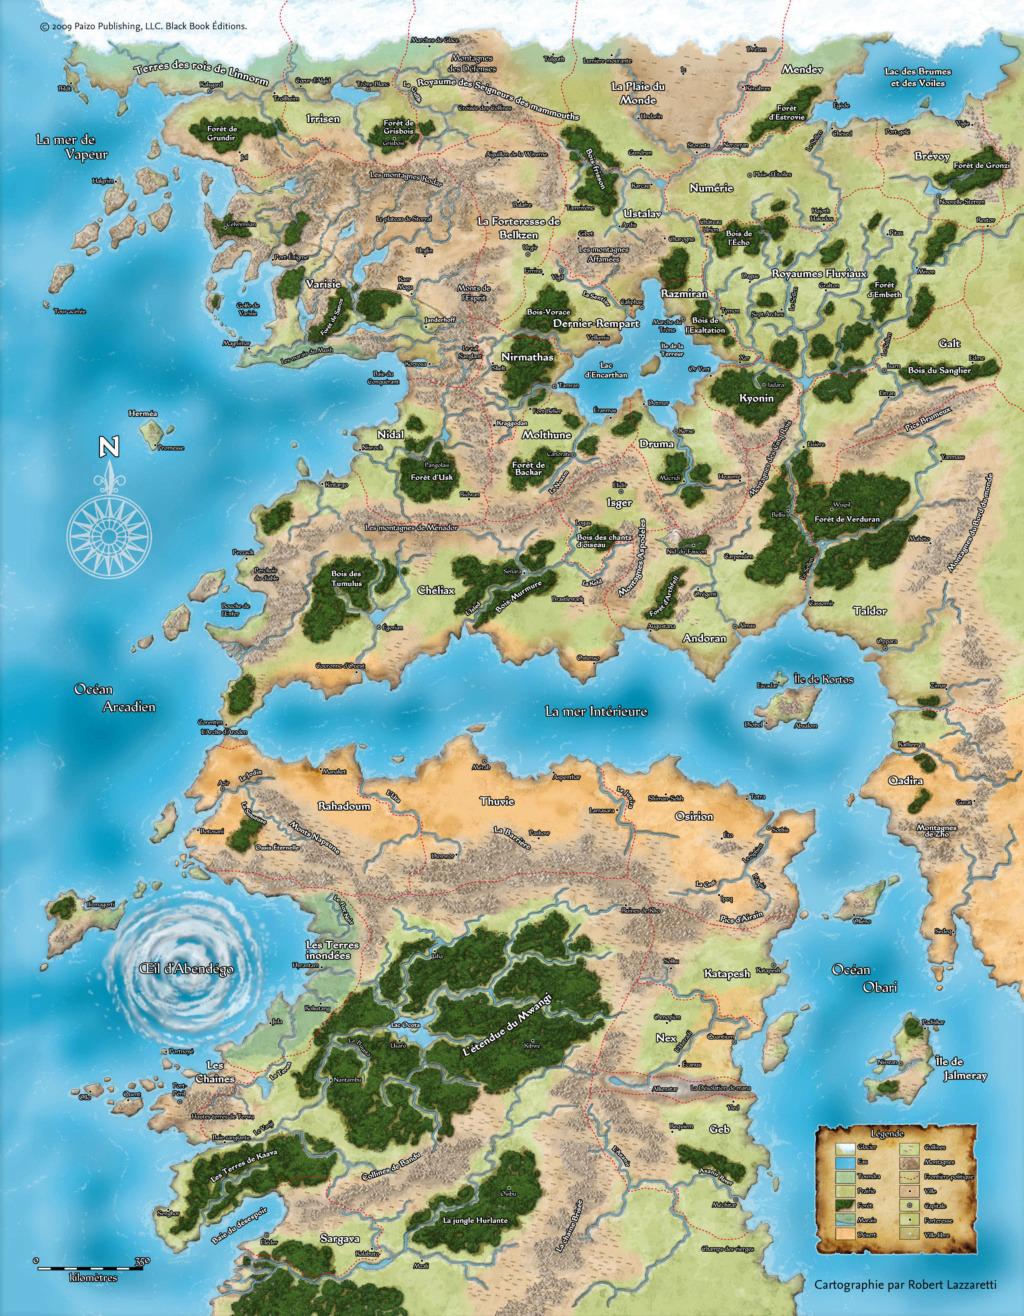 Le monde de Golarion 92_pfc10